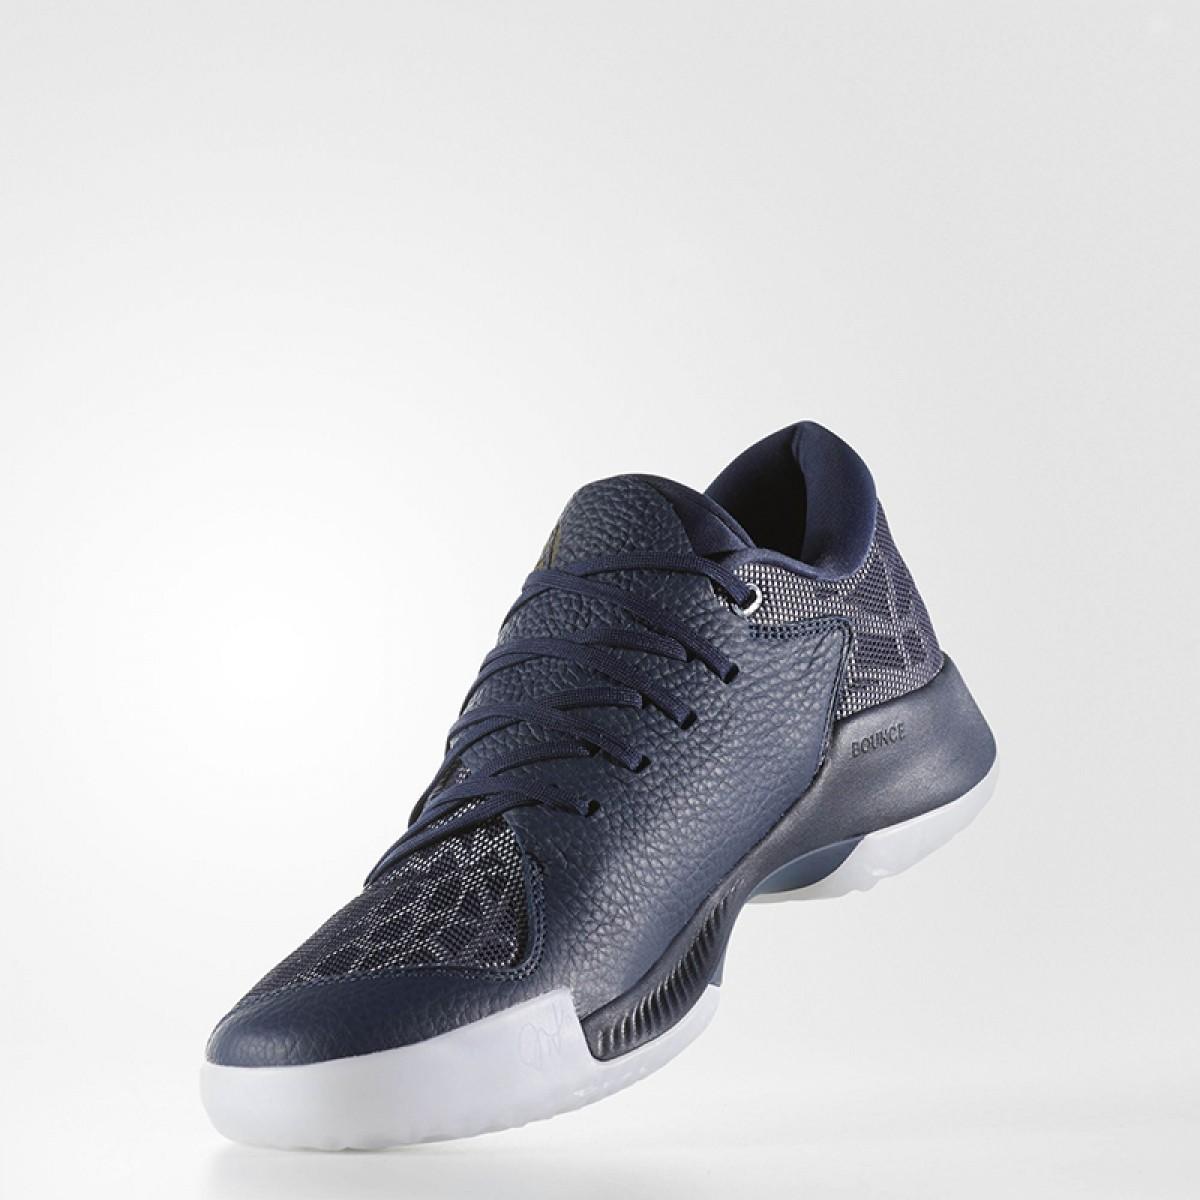 Adidas Harden B/E 'Navy'